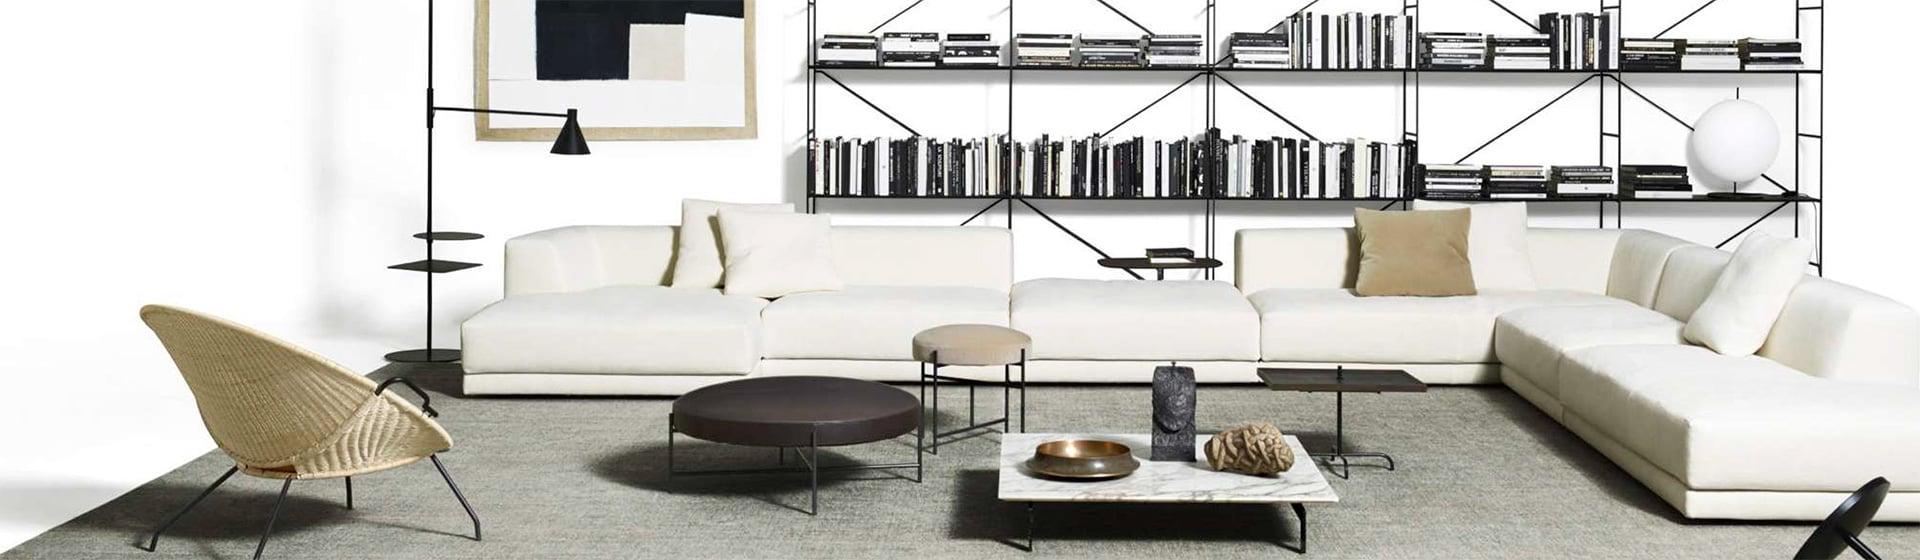 Tienda muebles de diseño DePadova